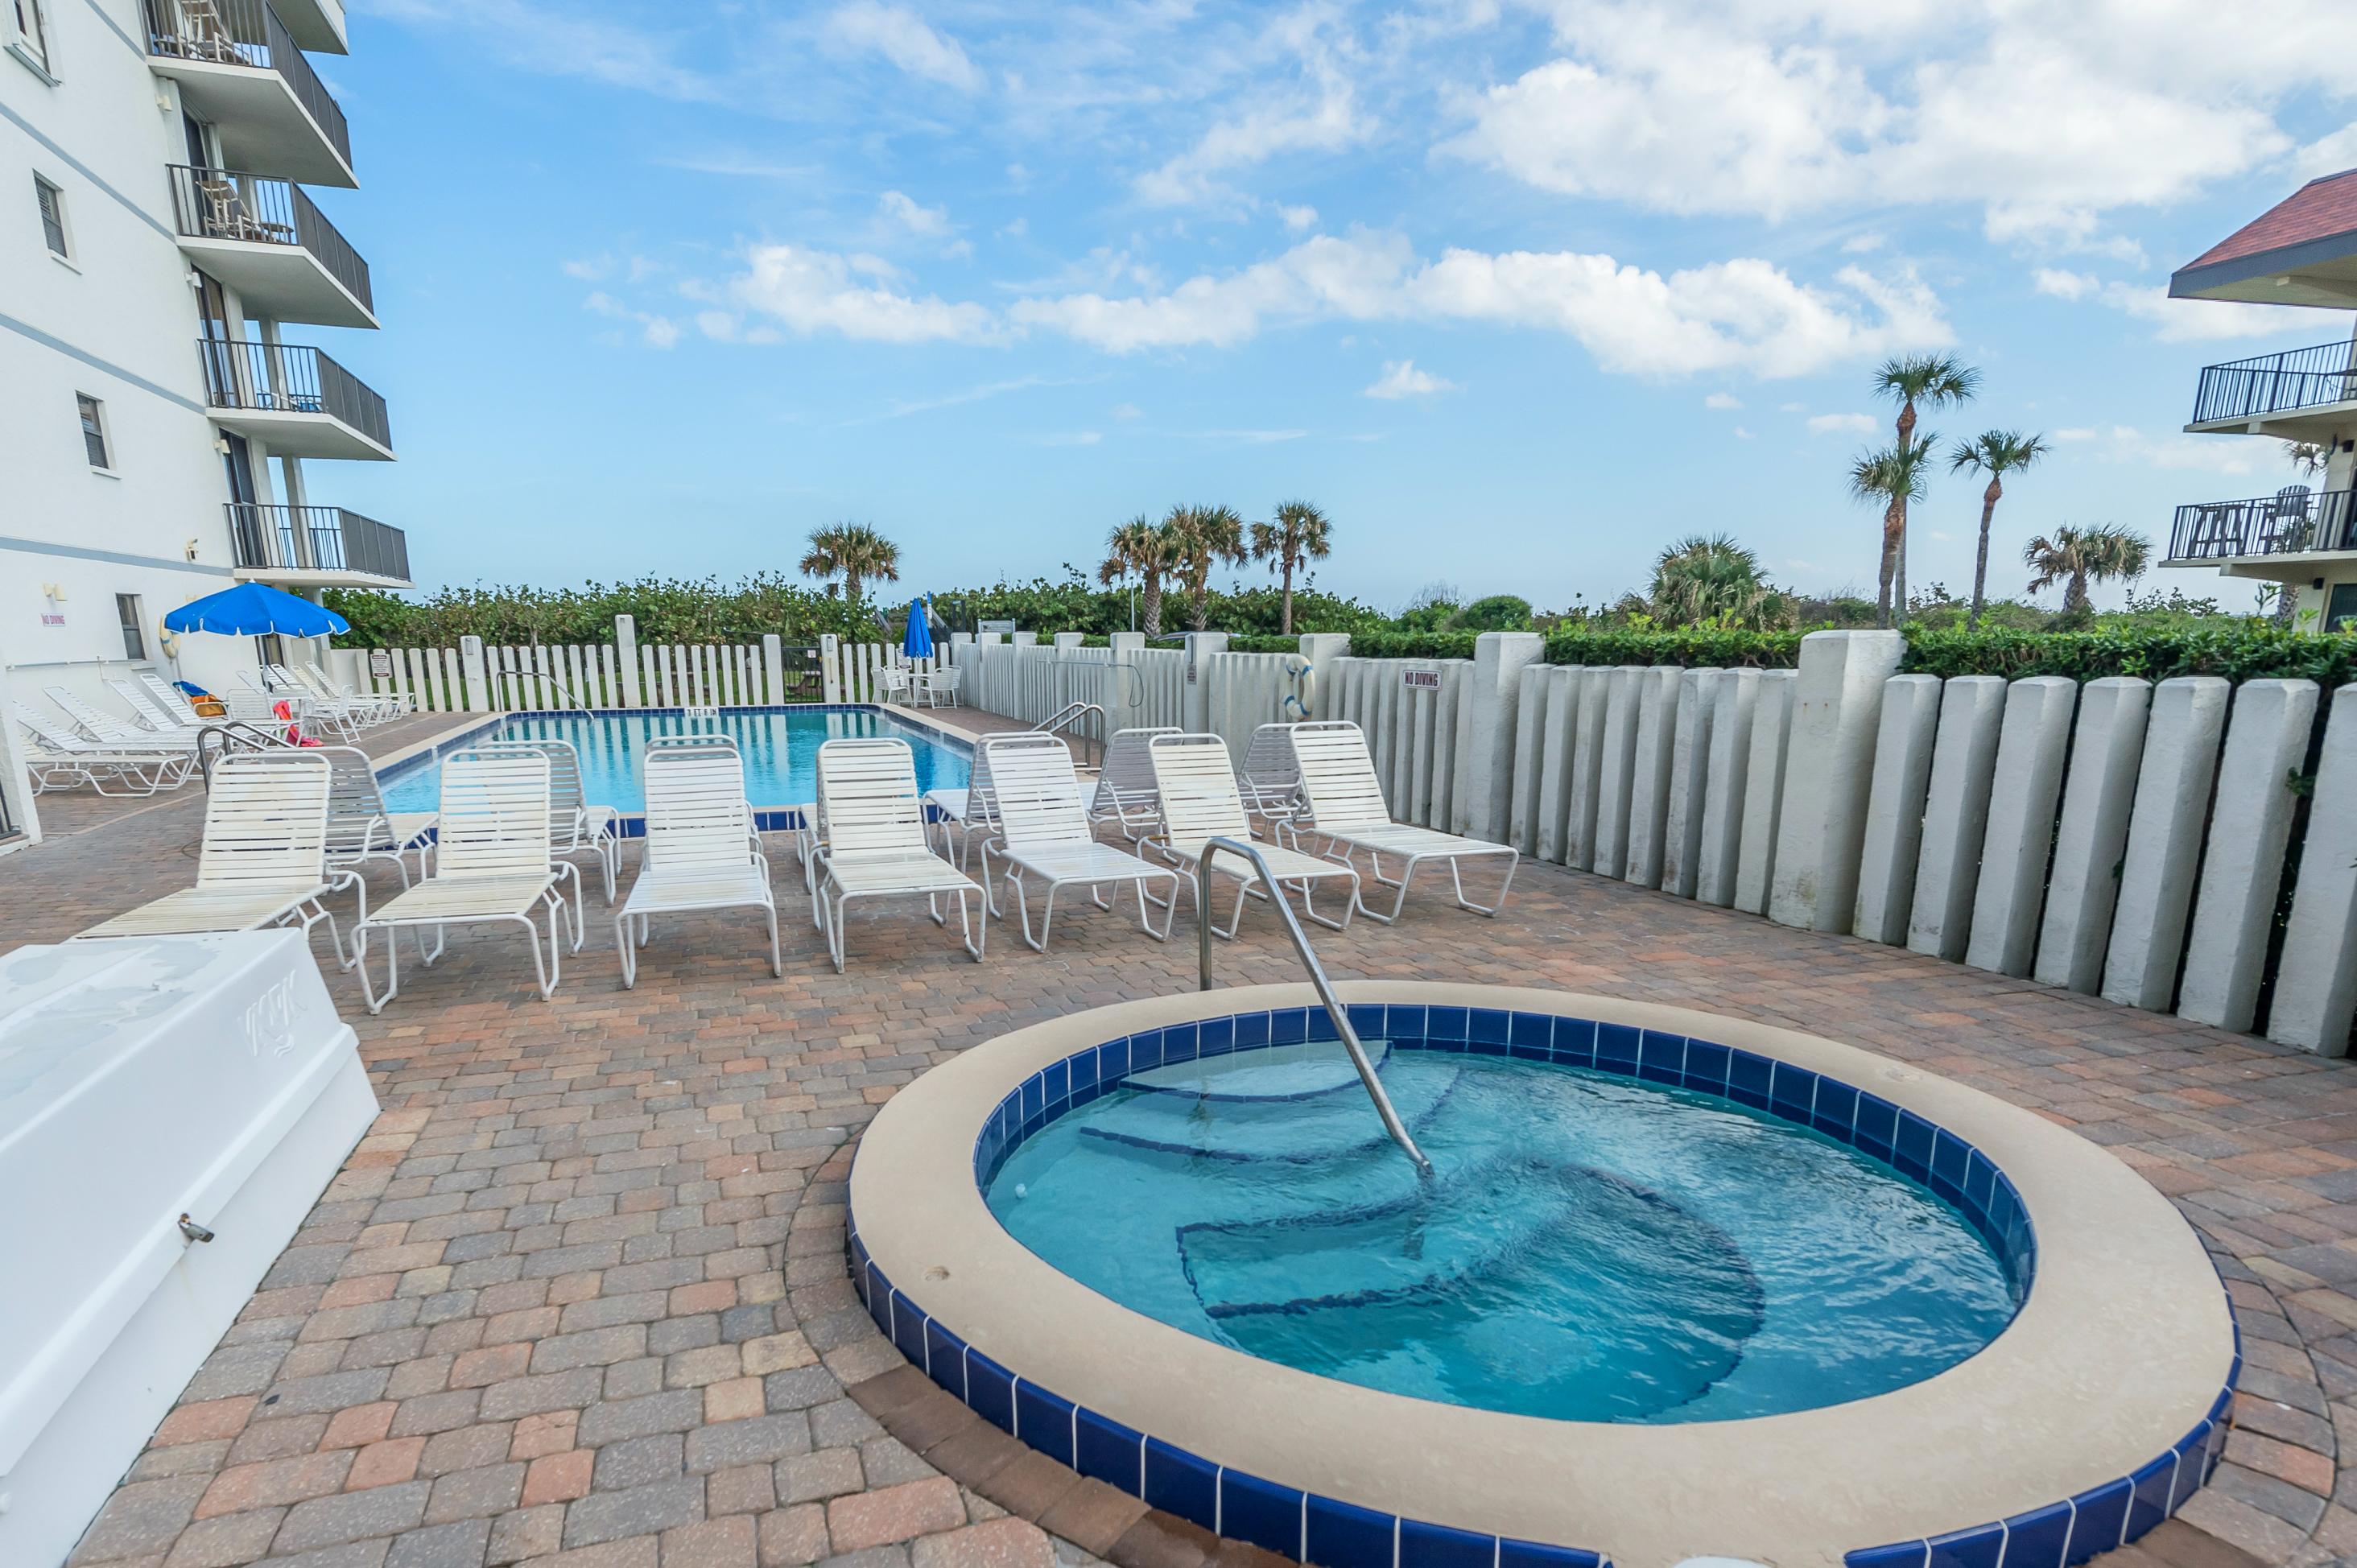 Hot Tub & Pool Area